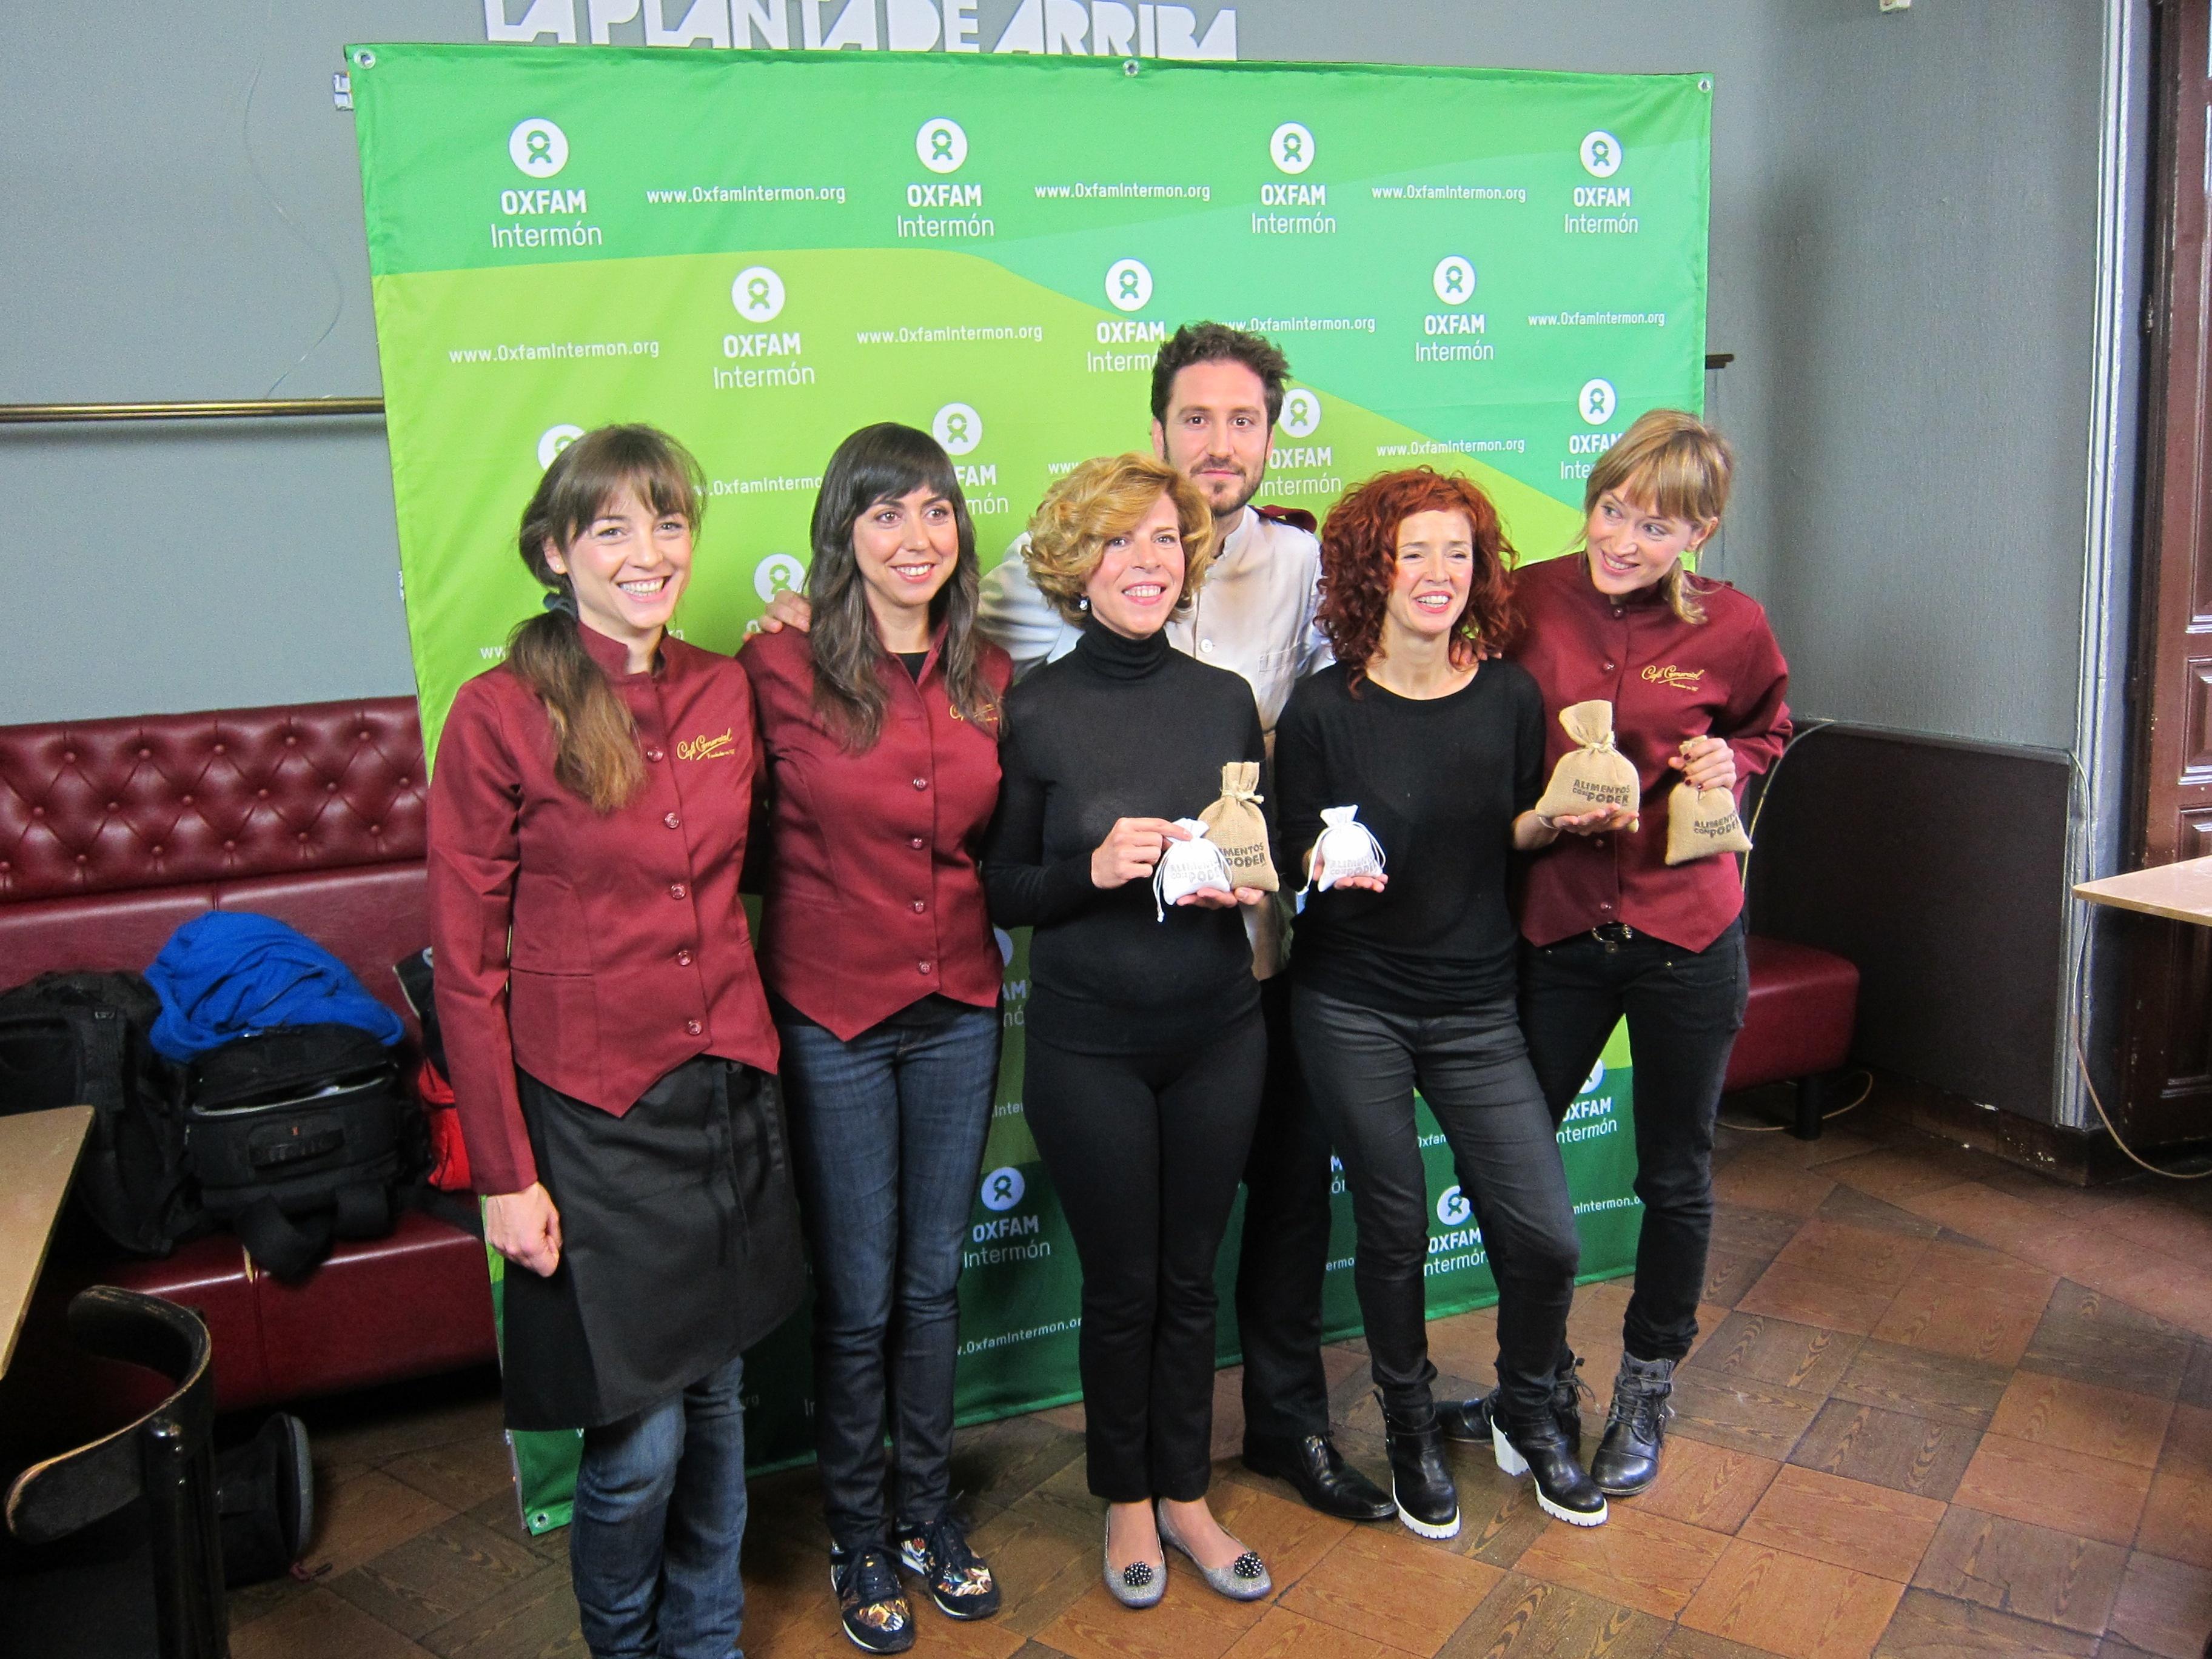 Personalidades de la cultura sirven «alimentos con poder» a la clientela del Café Comercial de Madrid a favor de Oxfam